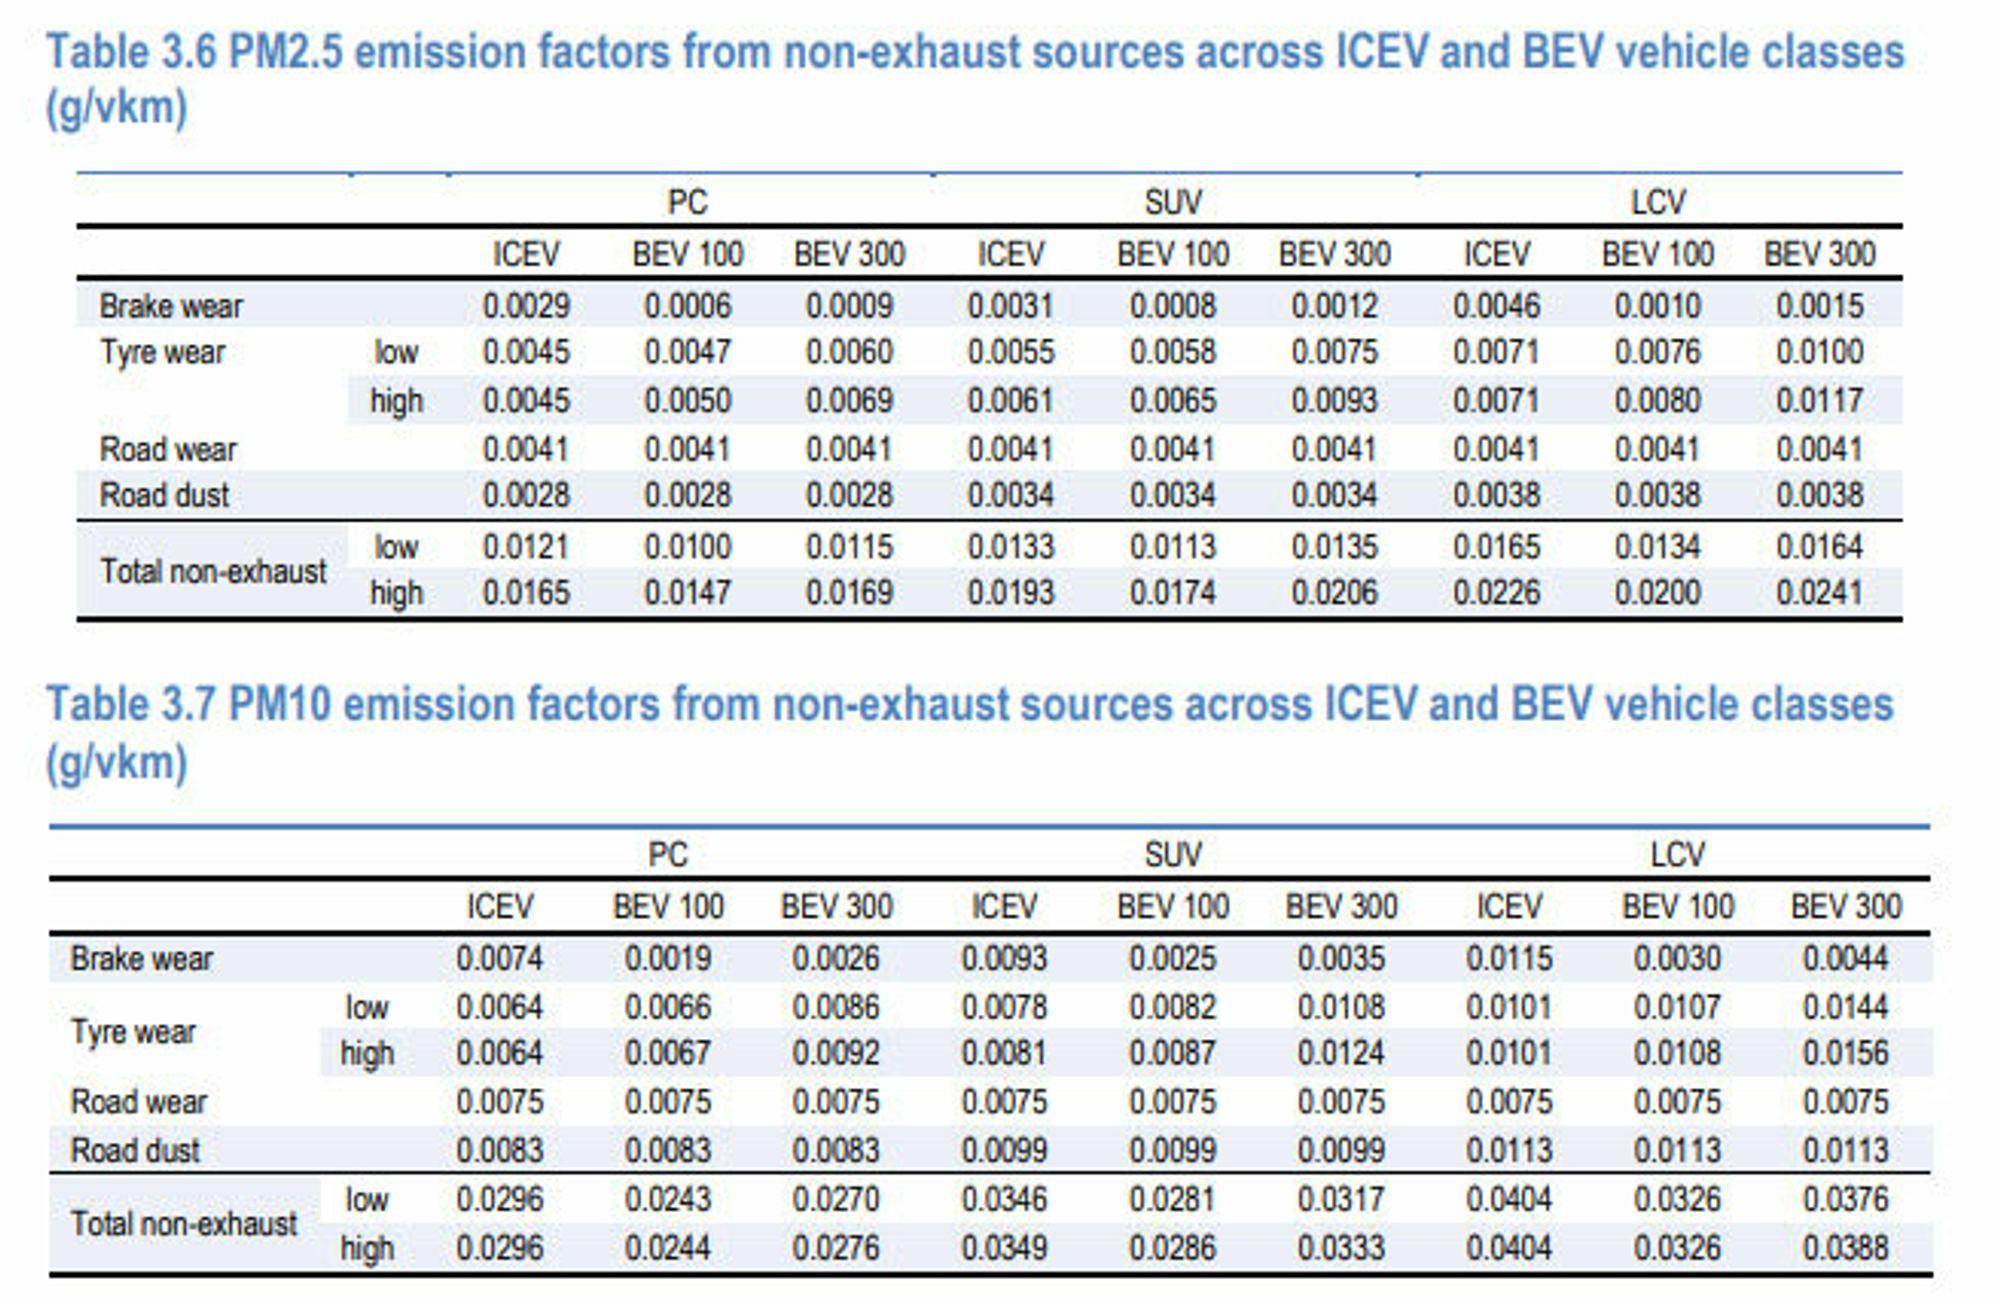 Utslippsfaktorene for BEV100 og BEV300 kalkulert med utgangspunkt i et estimat for vekten på elbiler med rekkevidde på 100 og 300 miles. PM-utslipp for bensin- og dieselbiler er antatt å være likt.